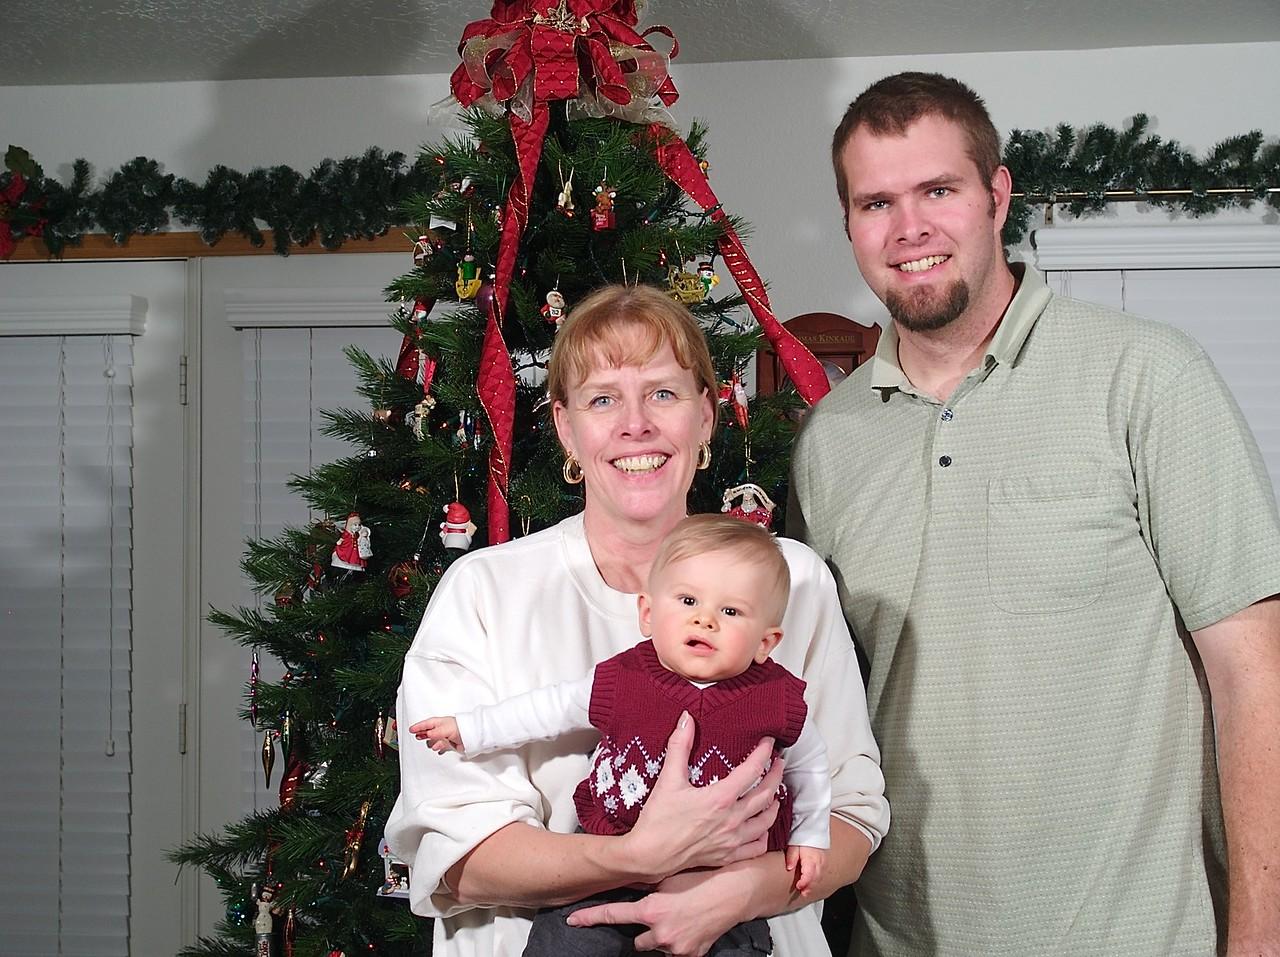 3 generations Tony's mom, Tony and Cody